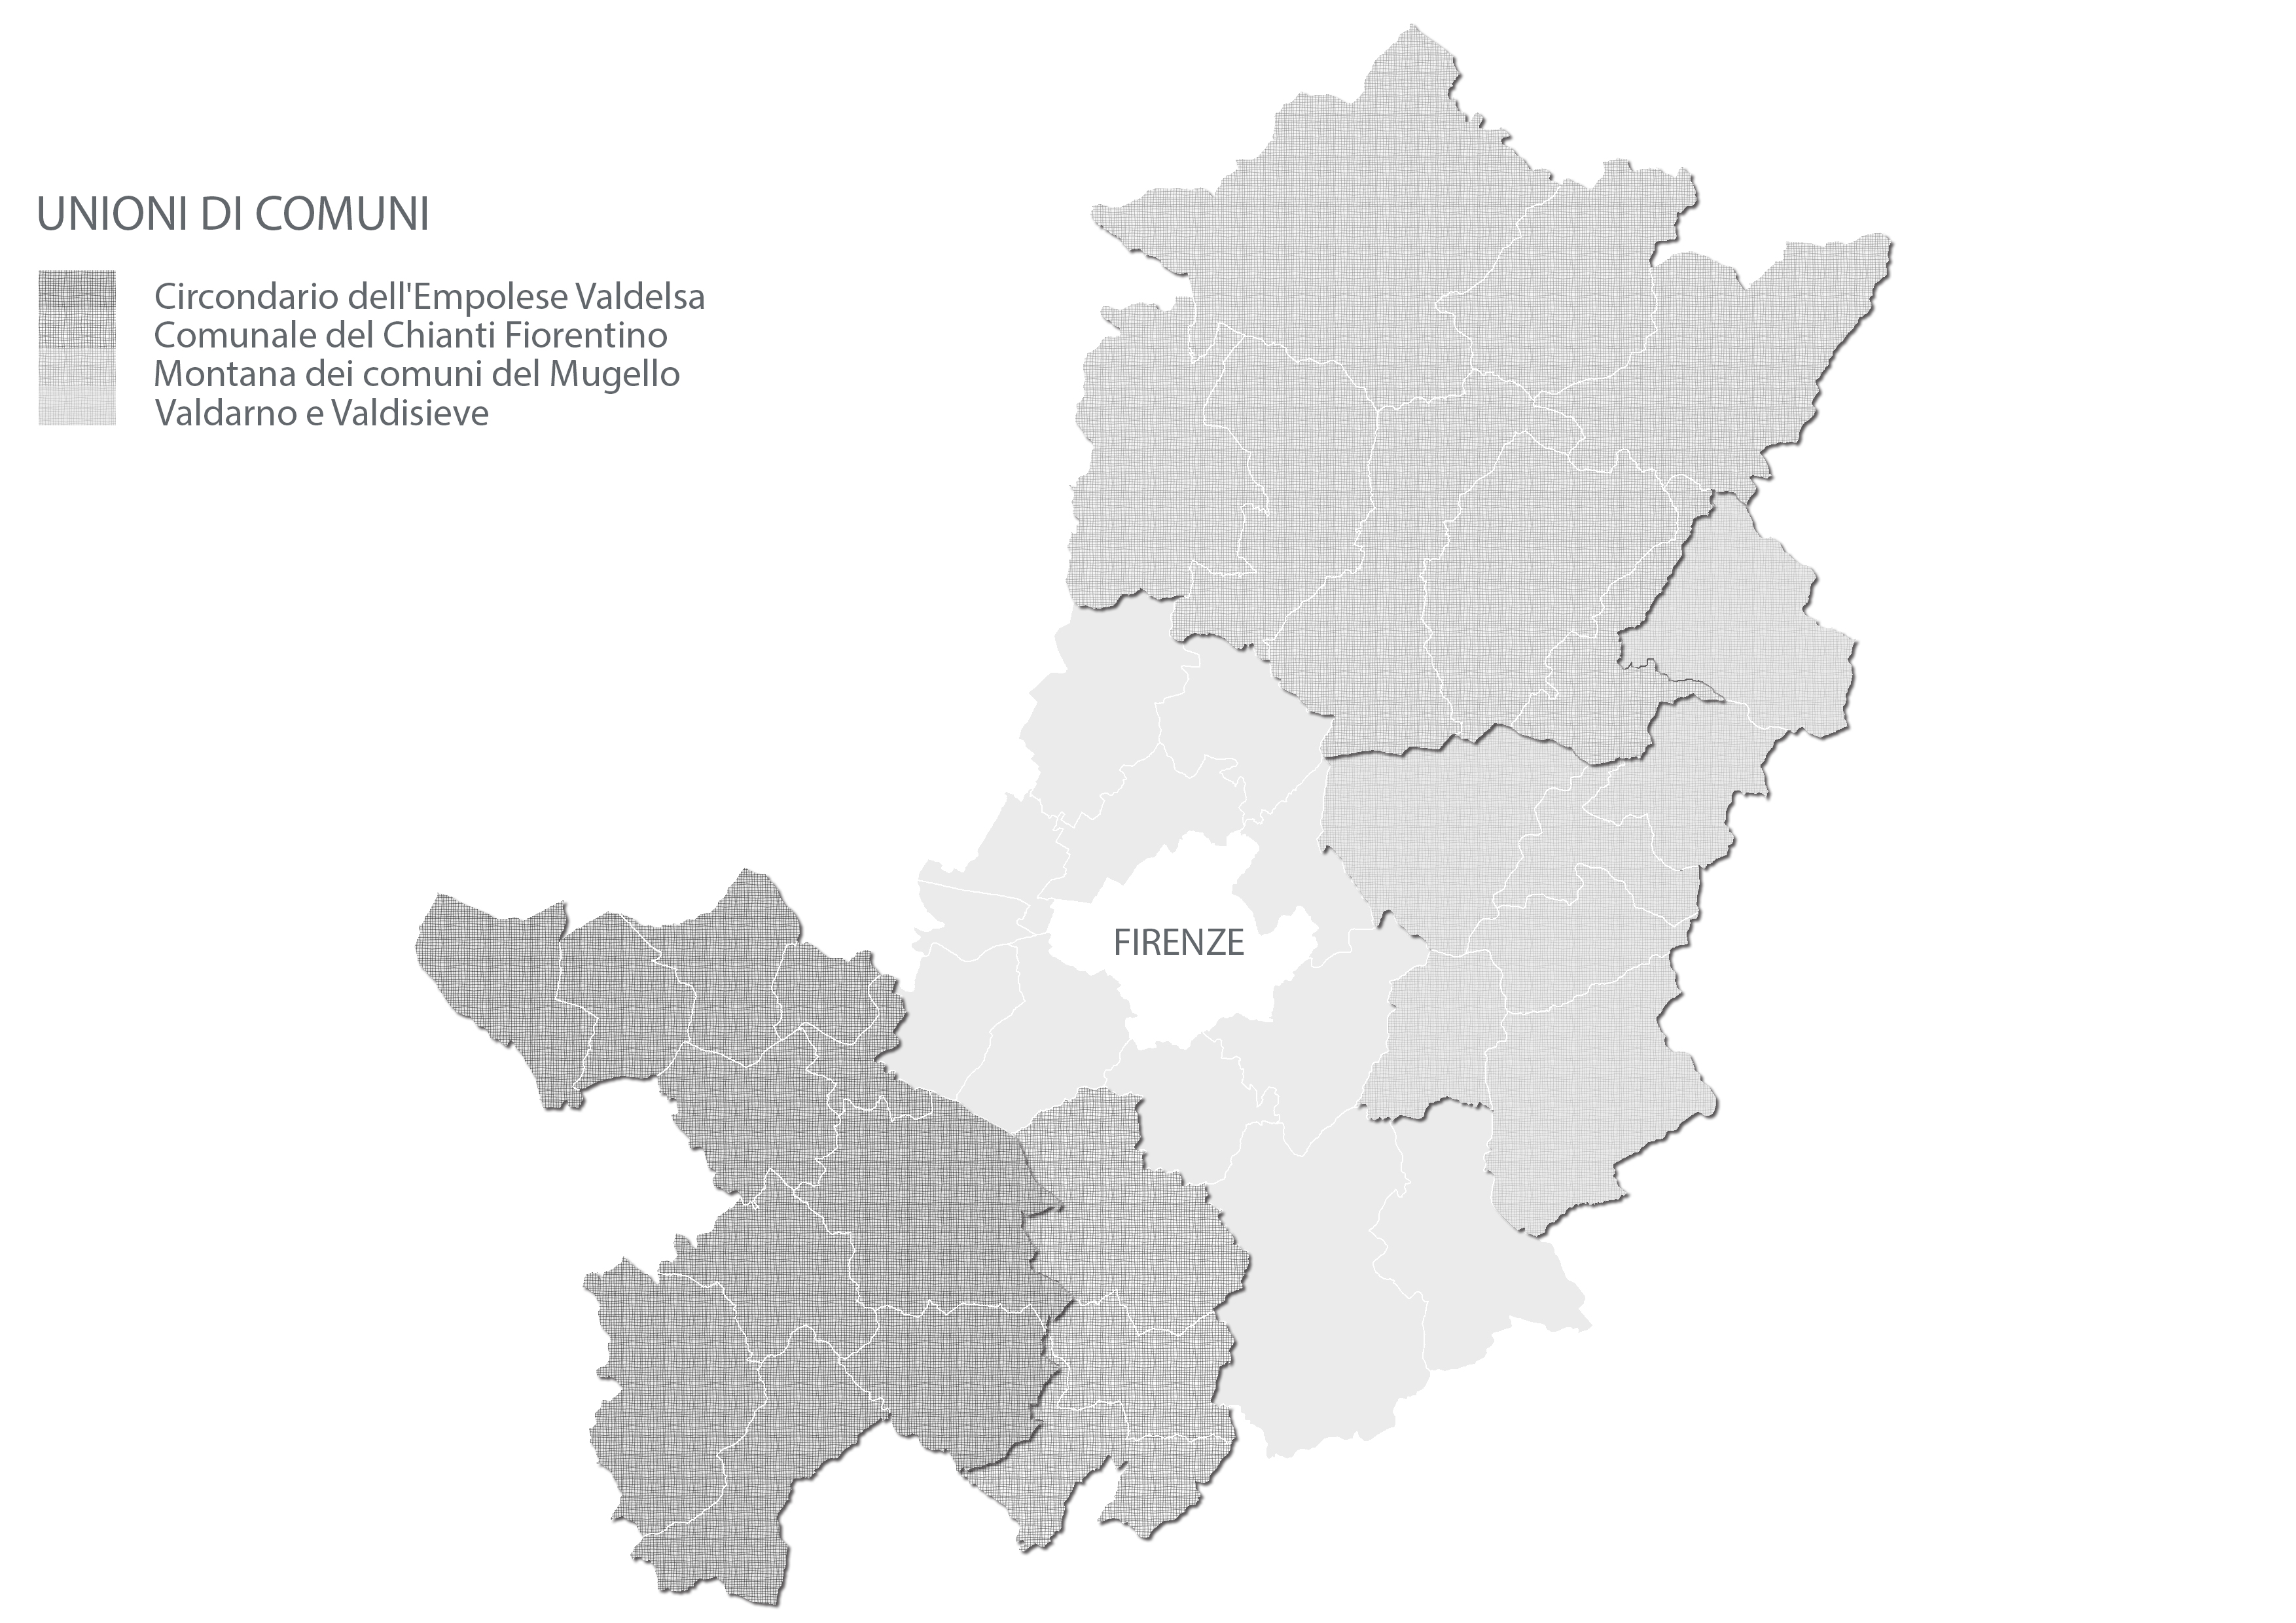 Città Metropolitana di Firenze - Unioni di Comuni